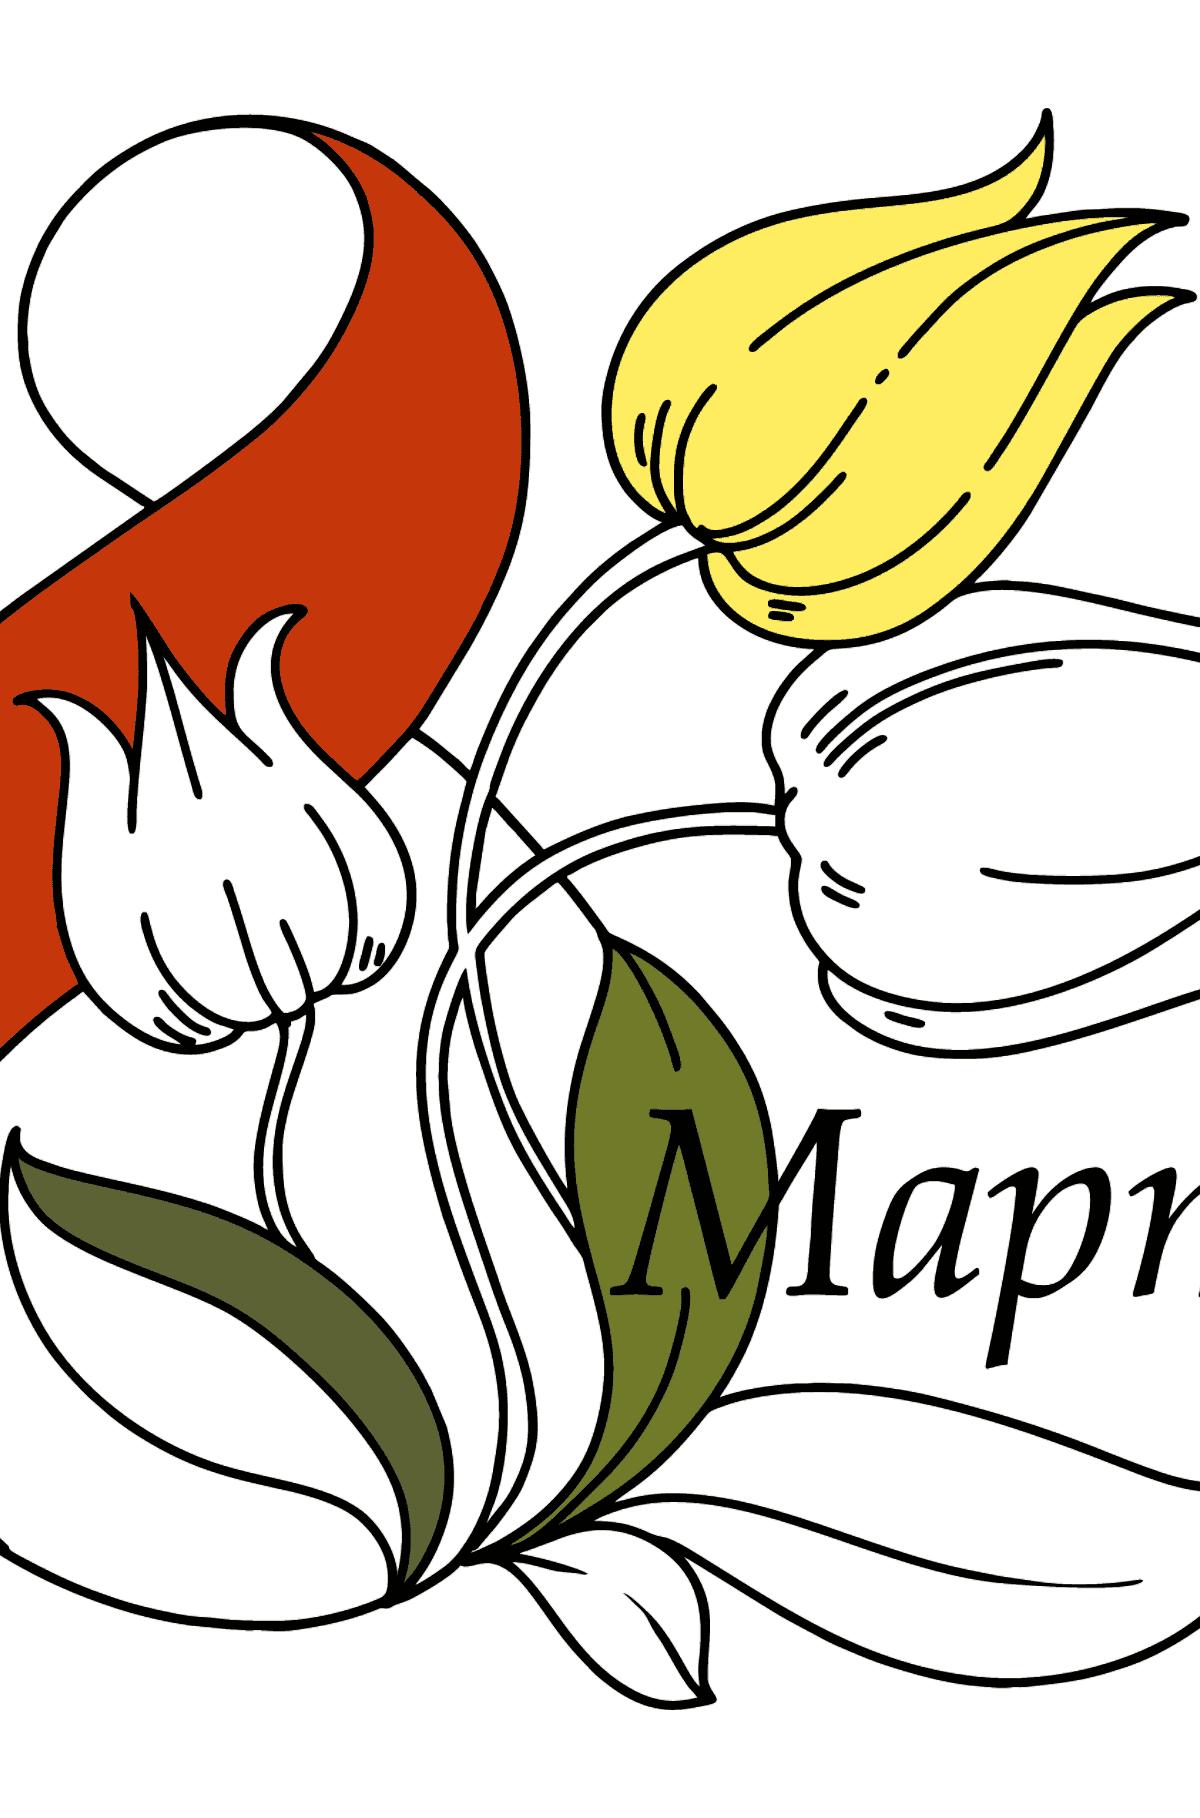 Рисунок 8 марта - раскраска - Раскраски для Детей